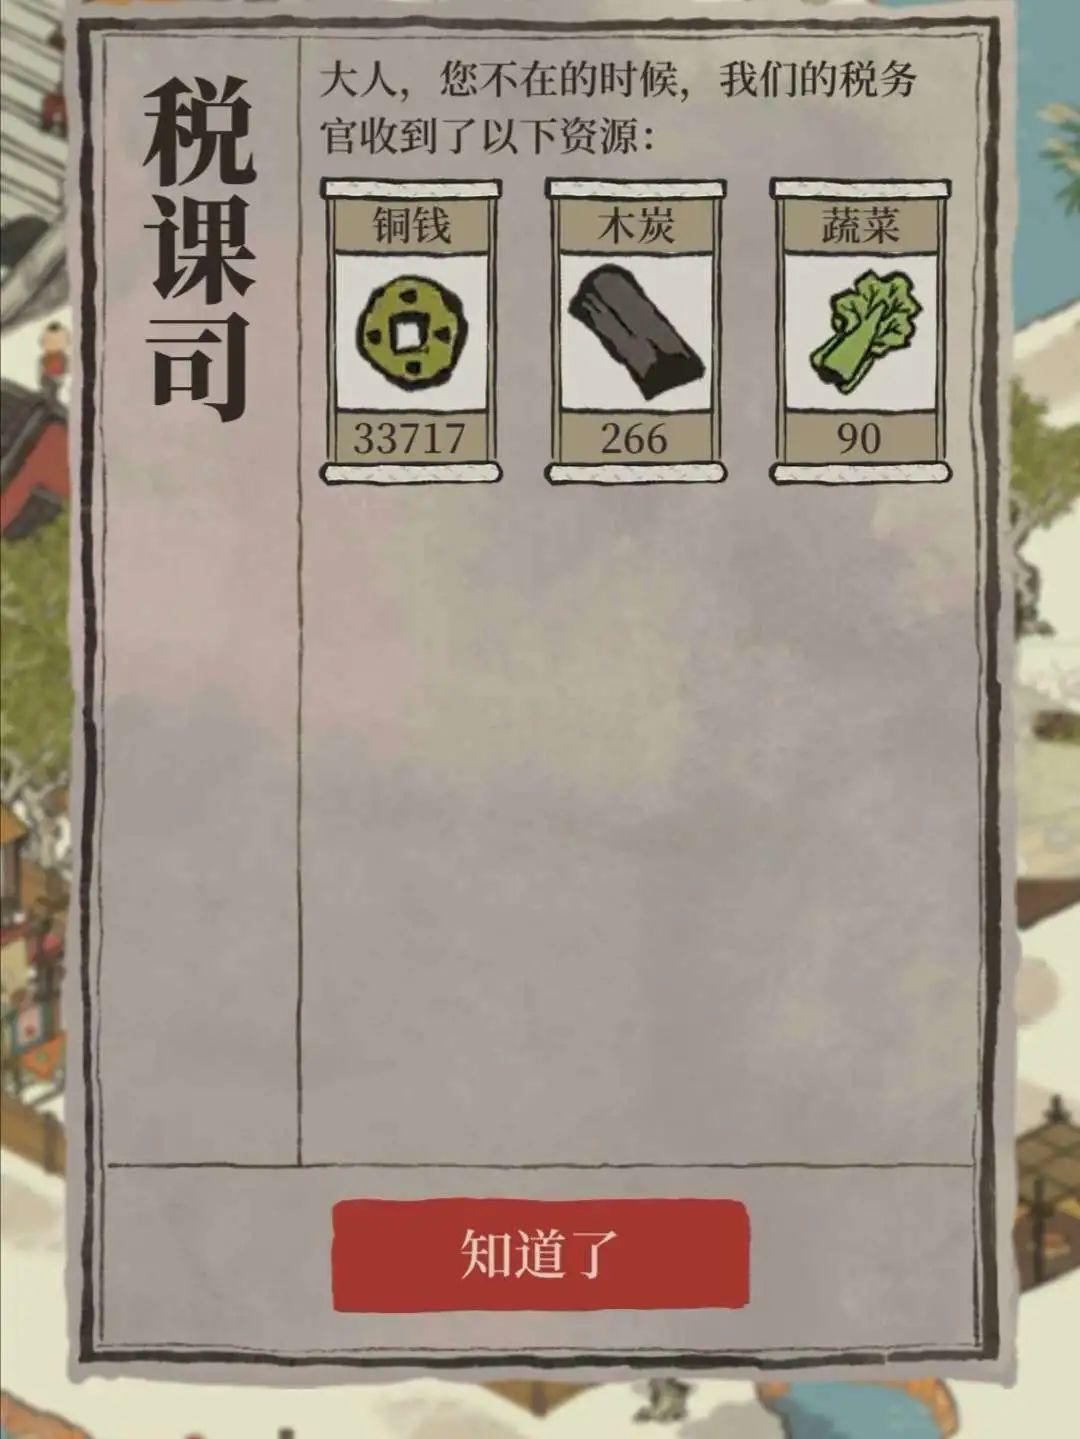 【江南百景图进阶攻略】教你如何日赚五十万铜!插图